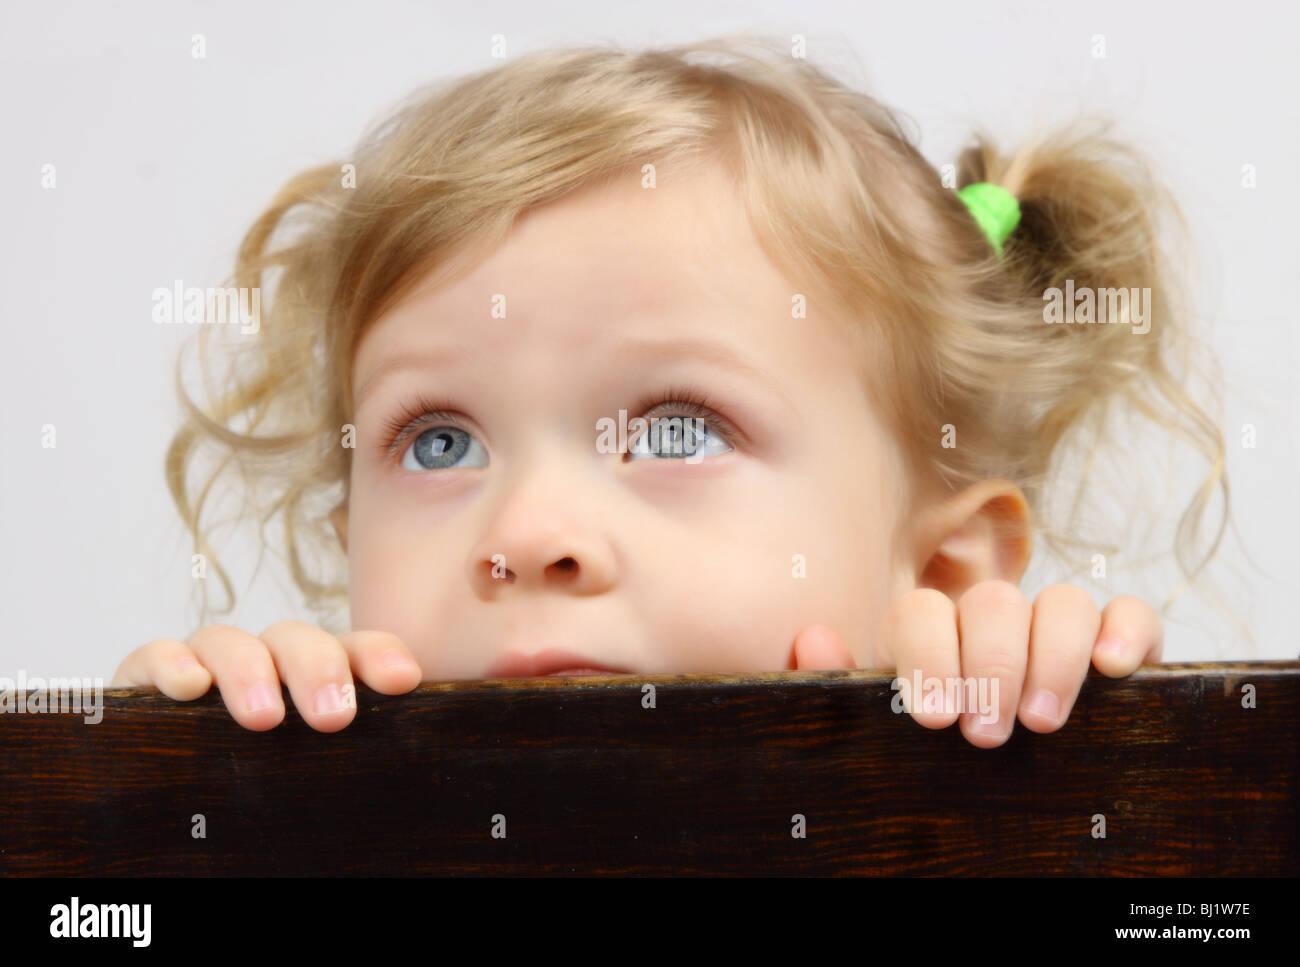 Un niño de 3 años rubia niña mirando hacia la parte posterior de la silla. 48c4600d06a